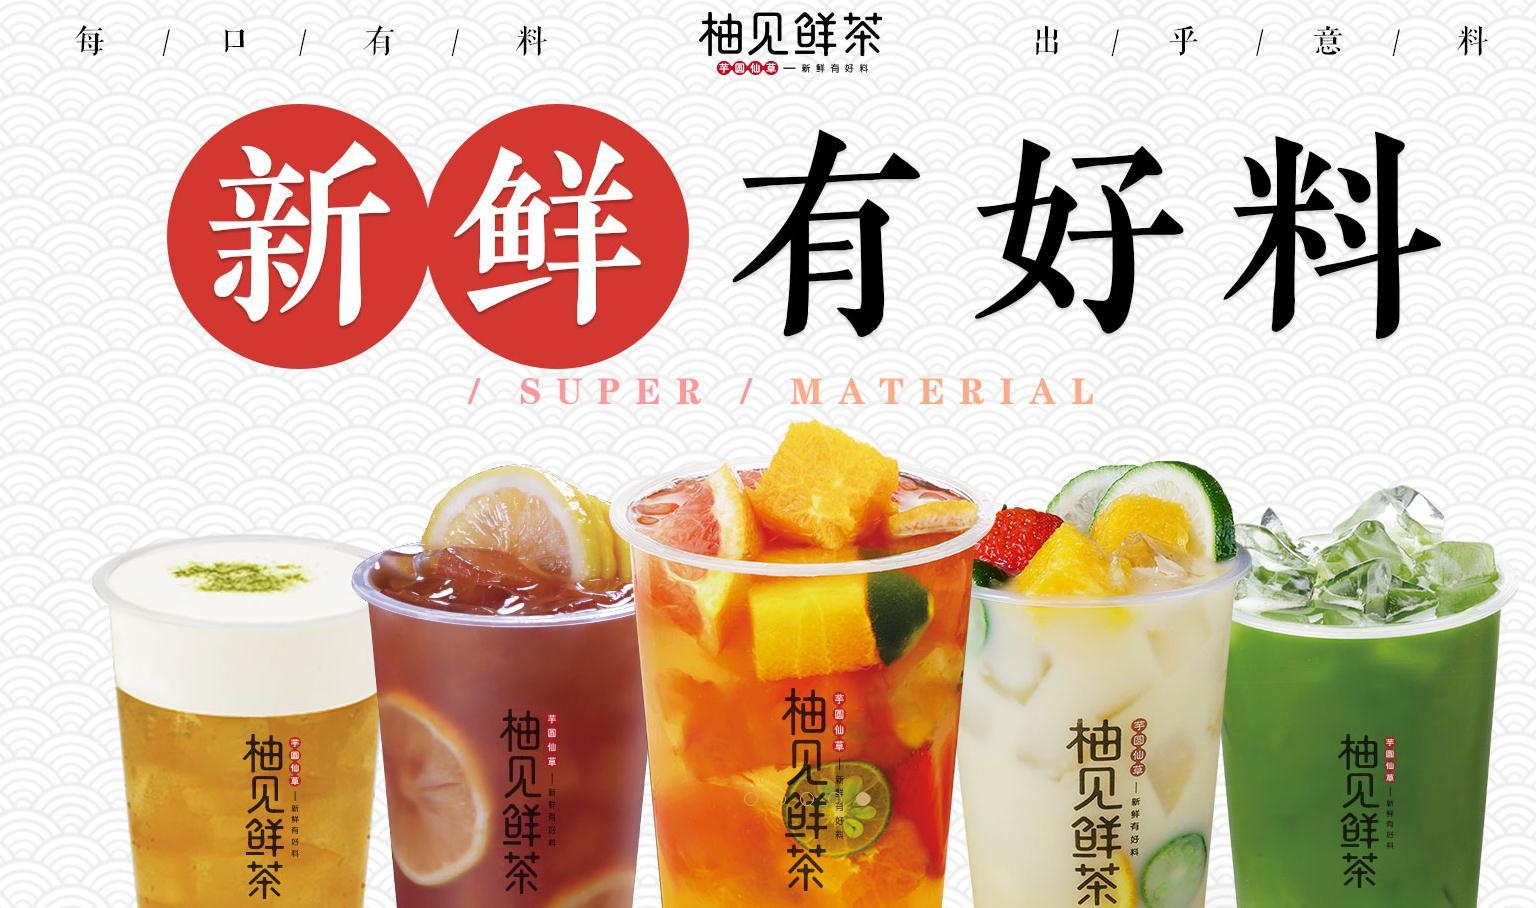 柚见鲜茶海报